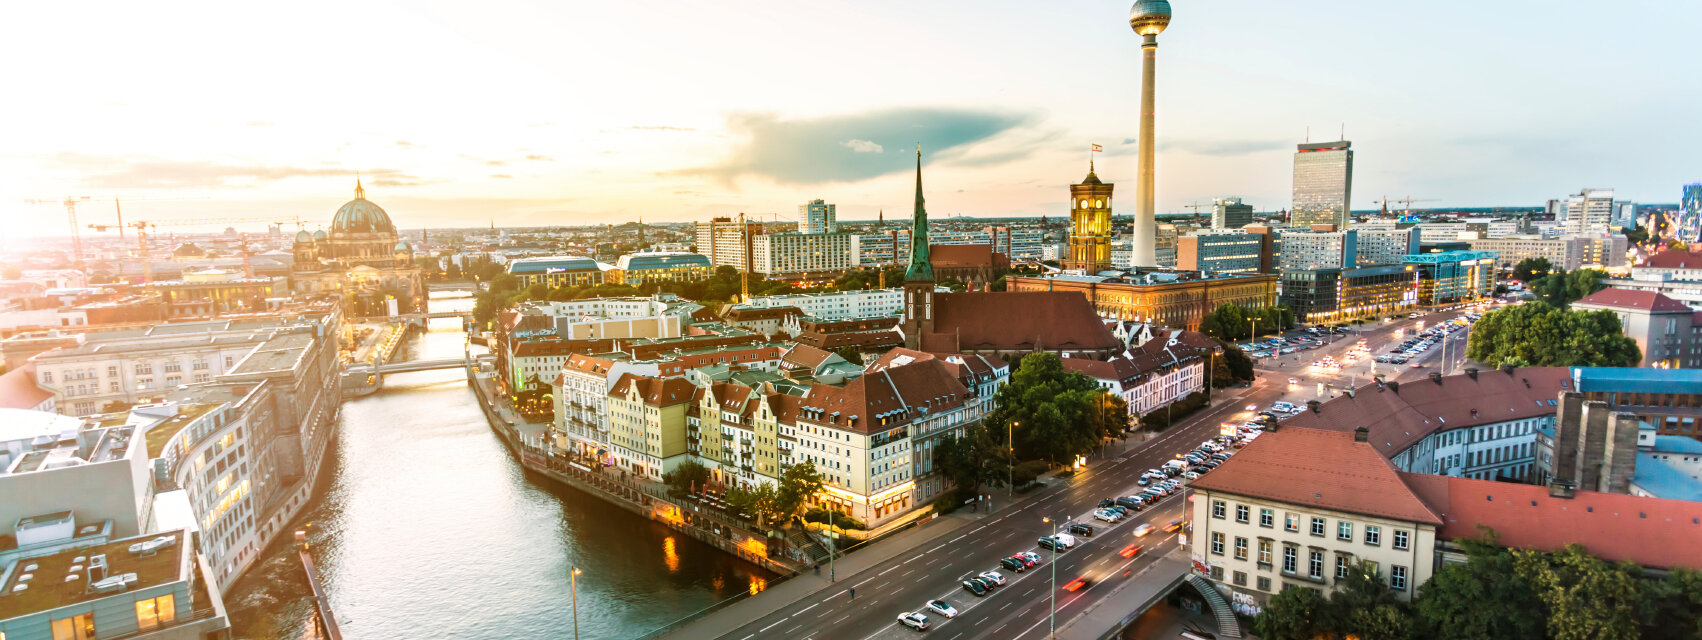 Поиск отелей и гостиниц в Оффенбурге